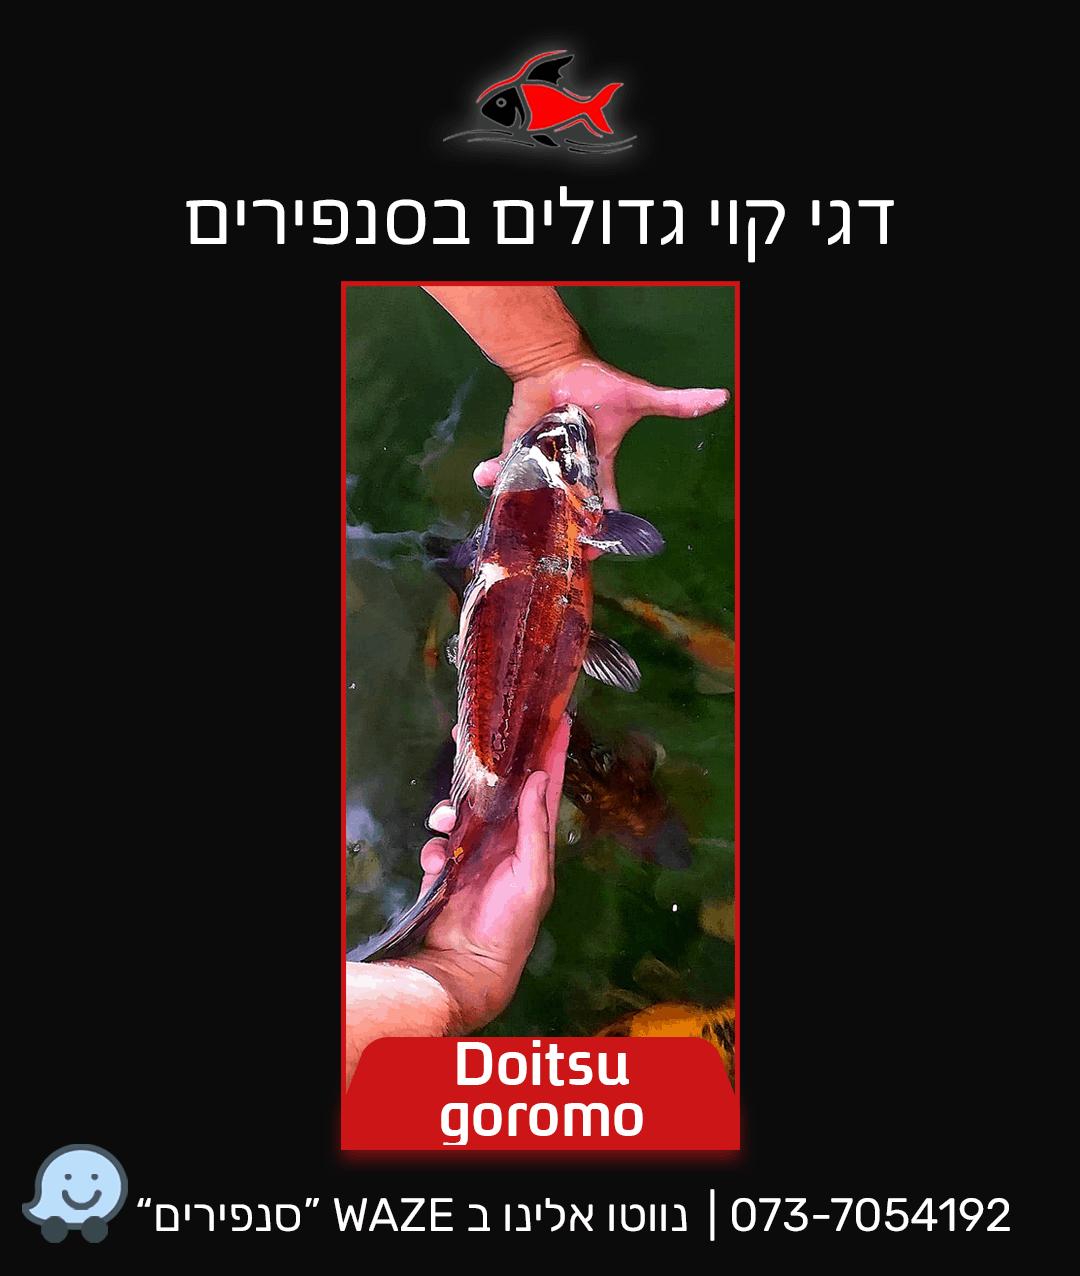 doitsu-goromo